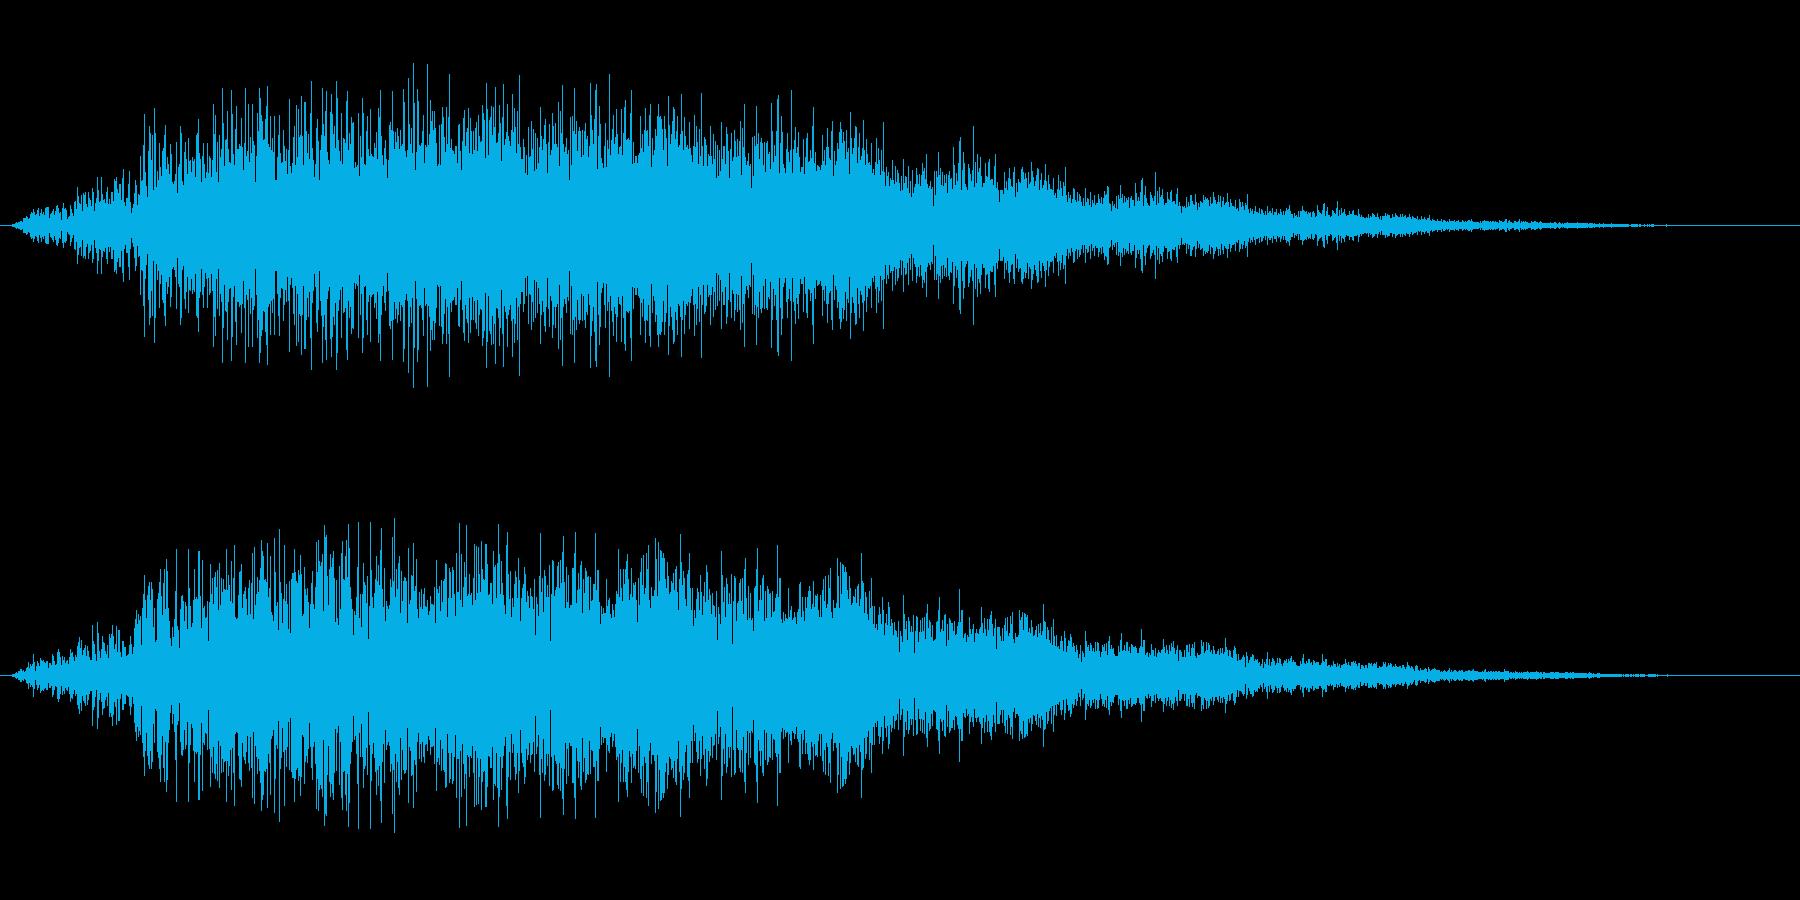 シャラララ(魔法等二次元に有効な音)の再生済みの波形